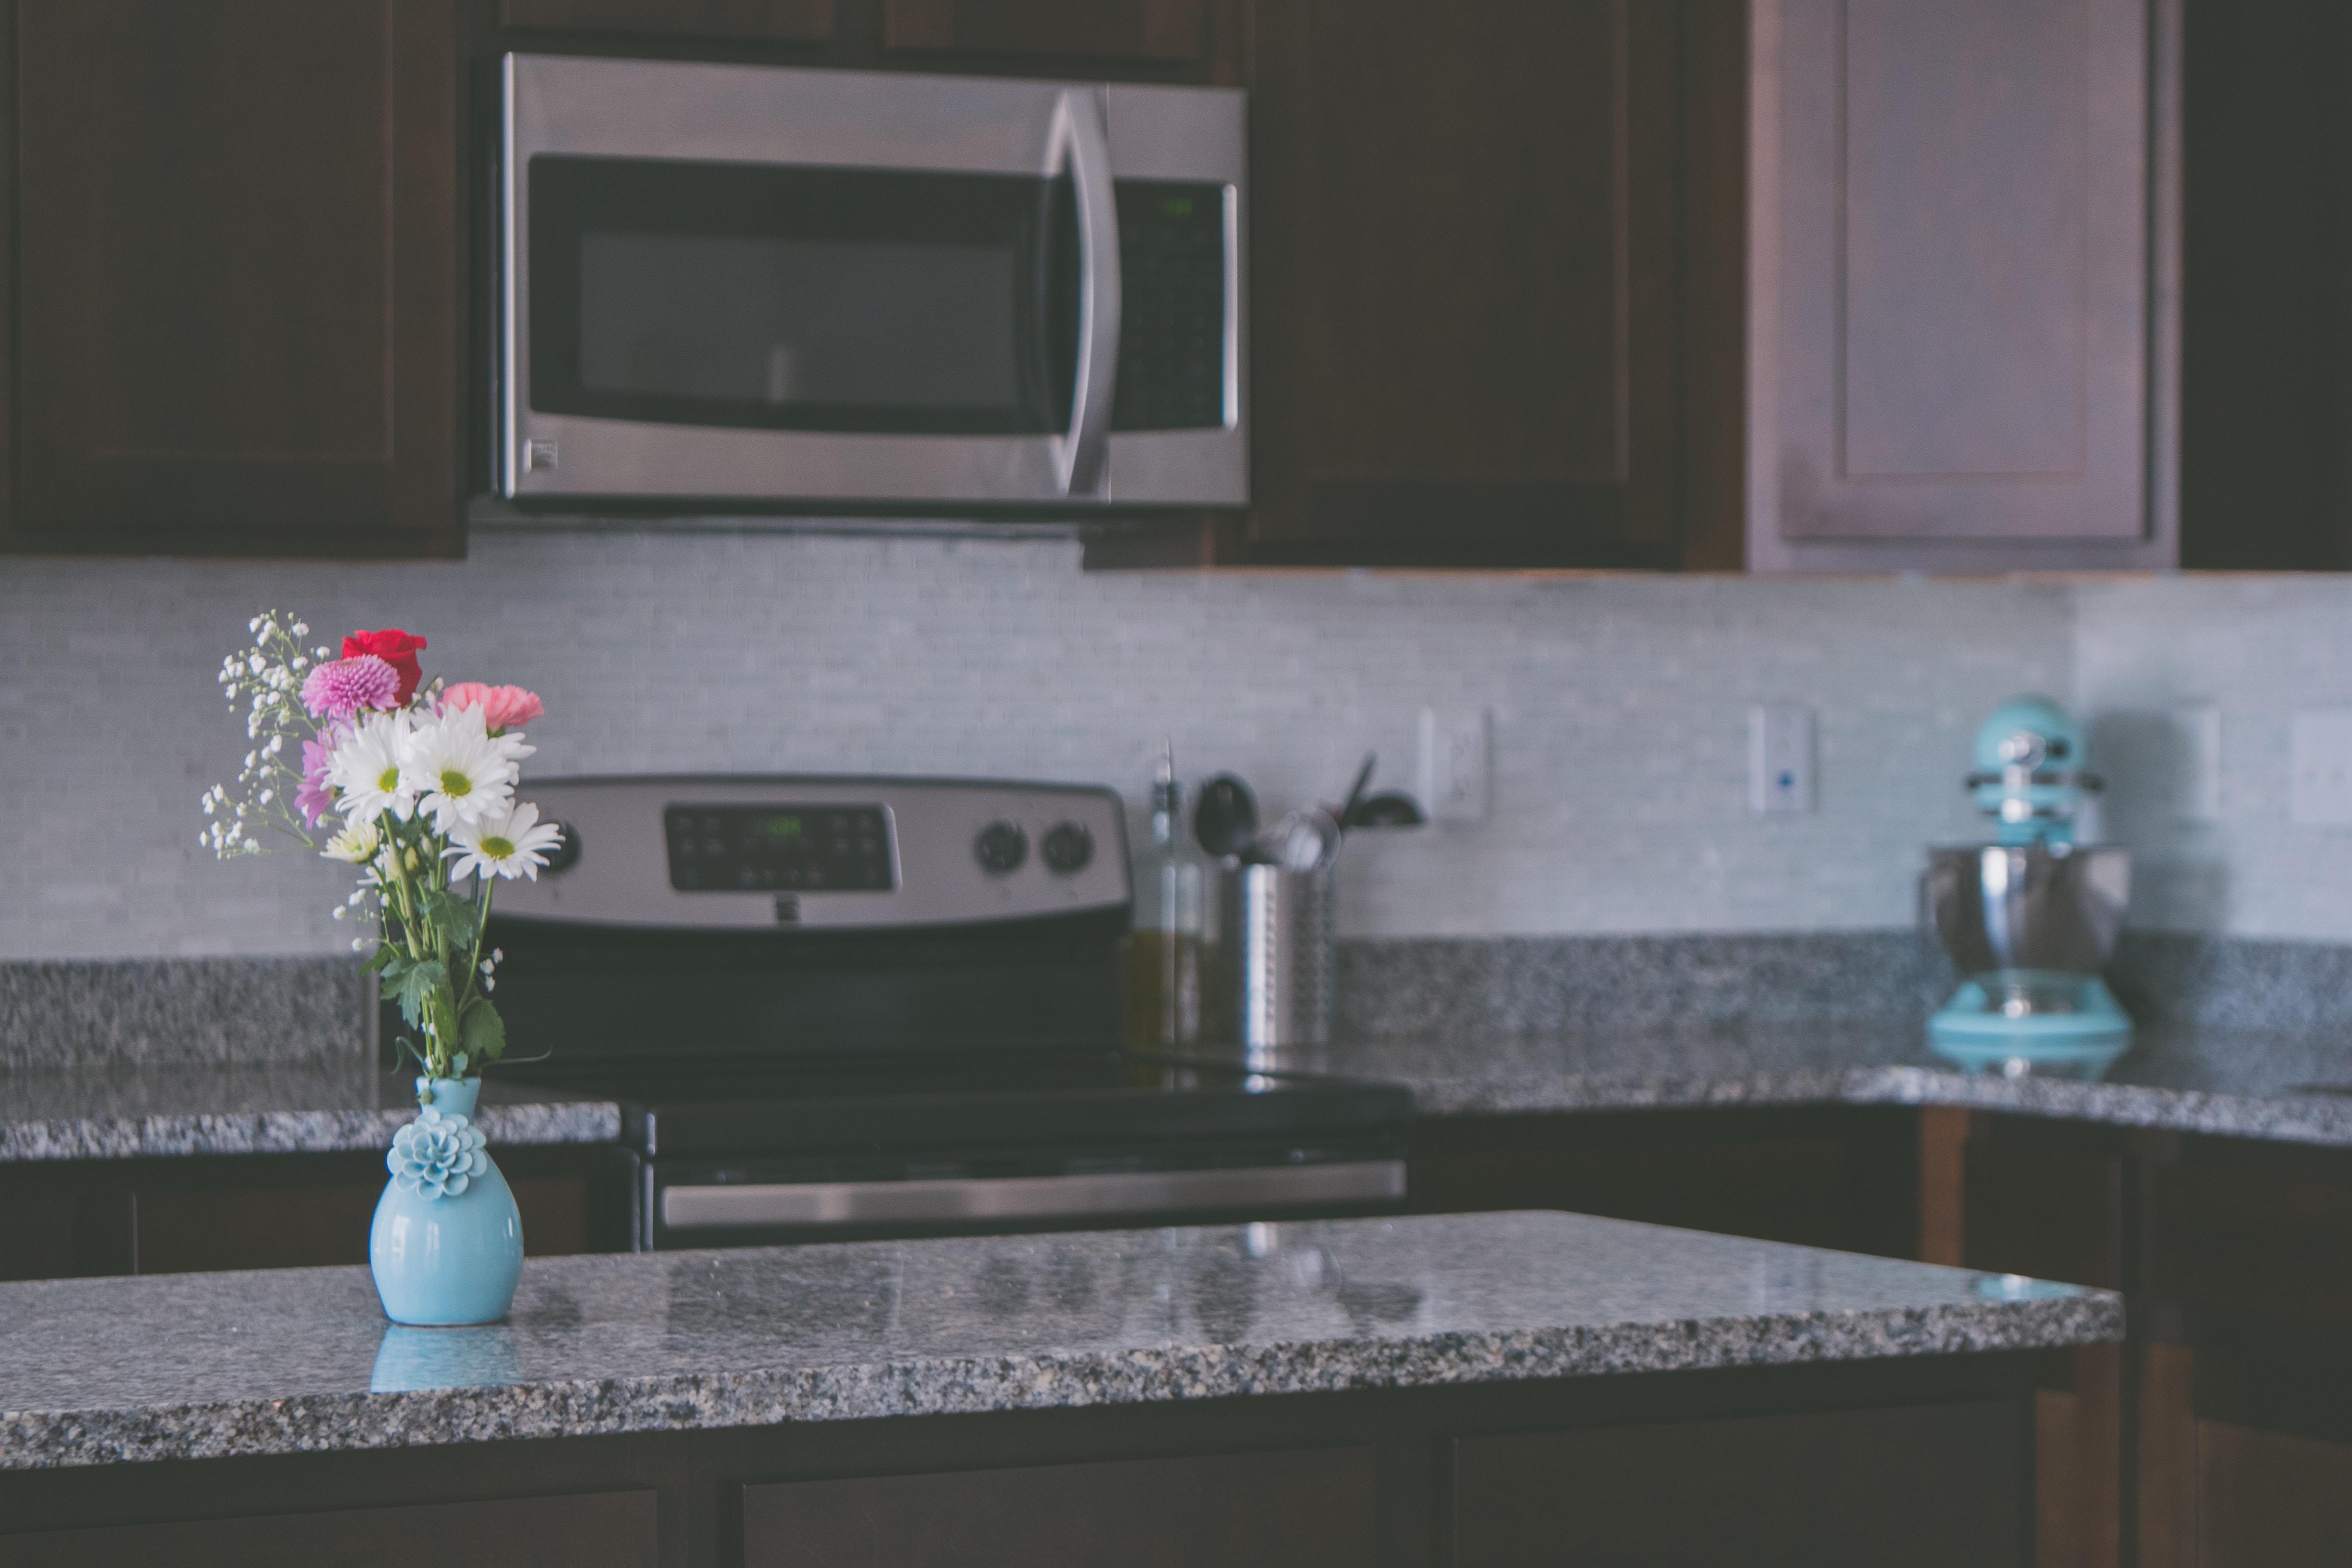 flower arrangement on vase on kitchen island